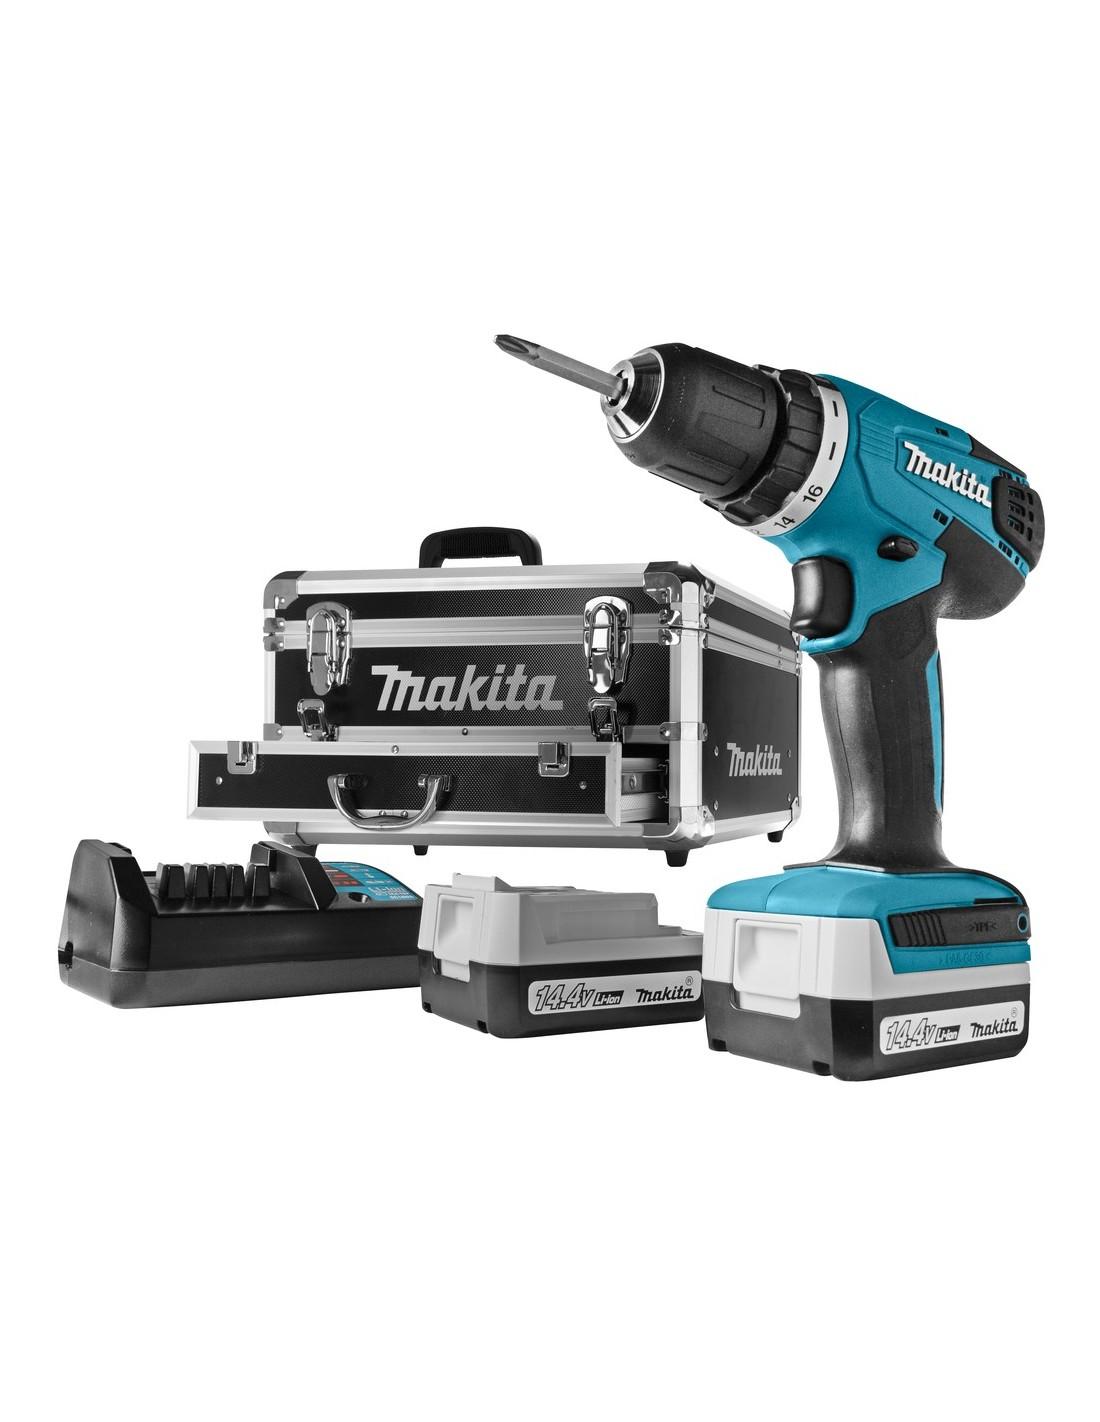 La perceuse visseuse makita df 347 dwex 3 est id ale pour - Batterie visseuse makita 14 4 v ...